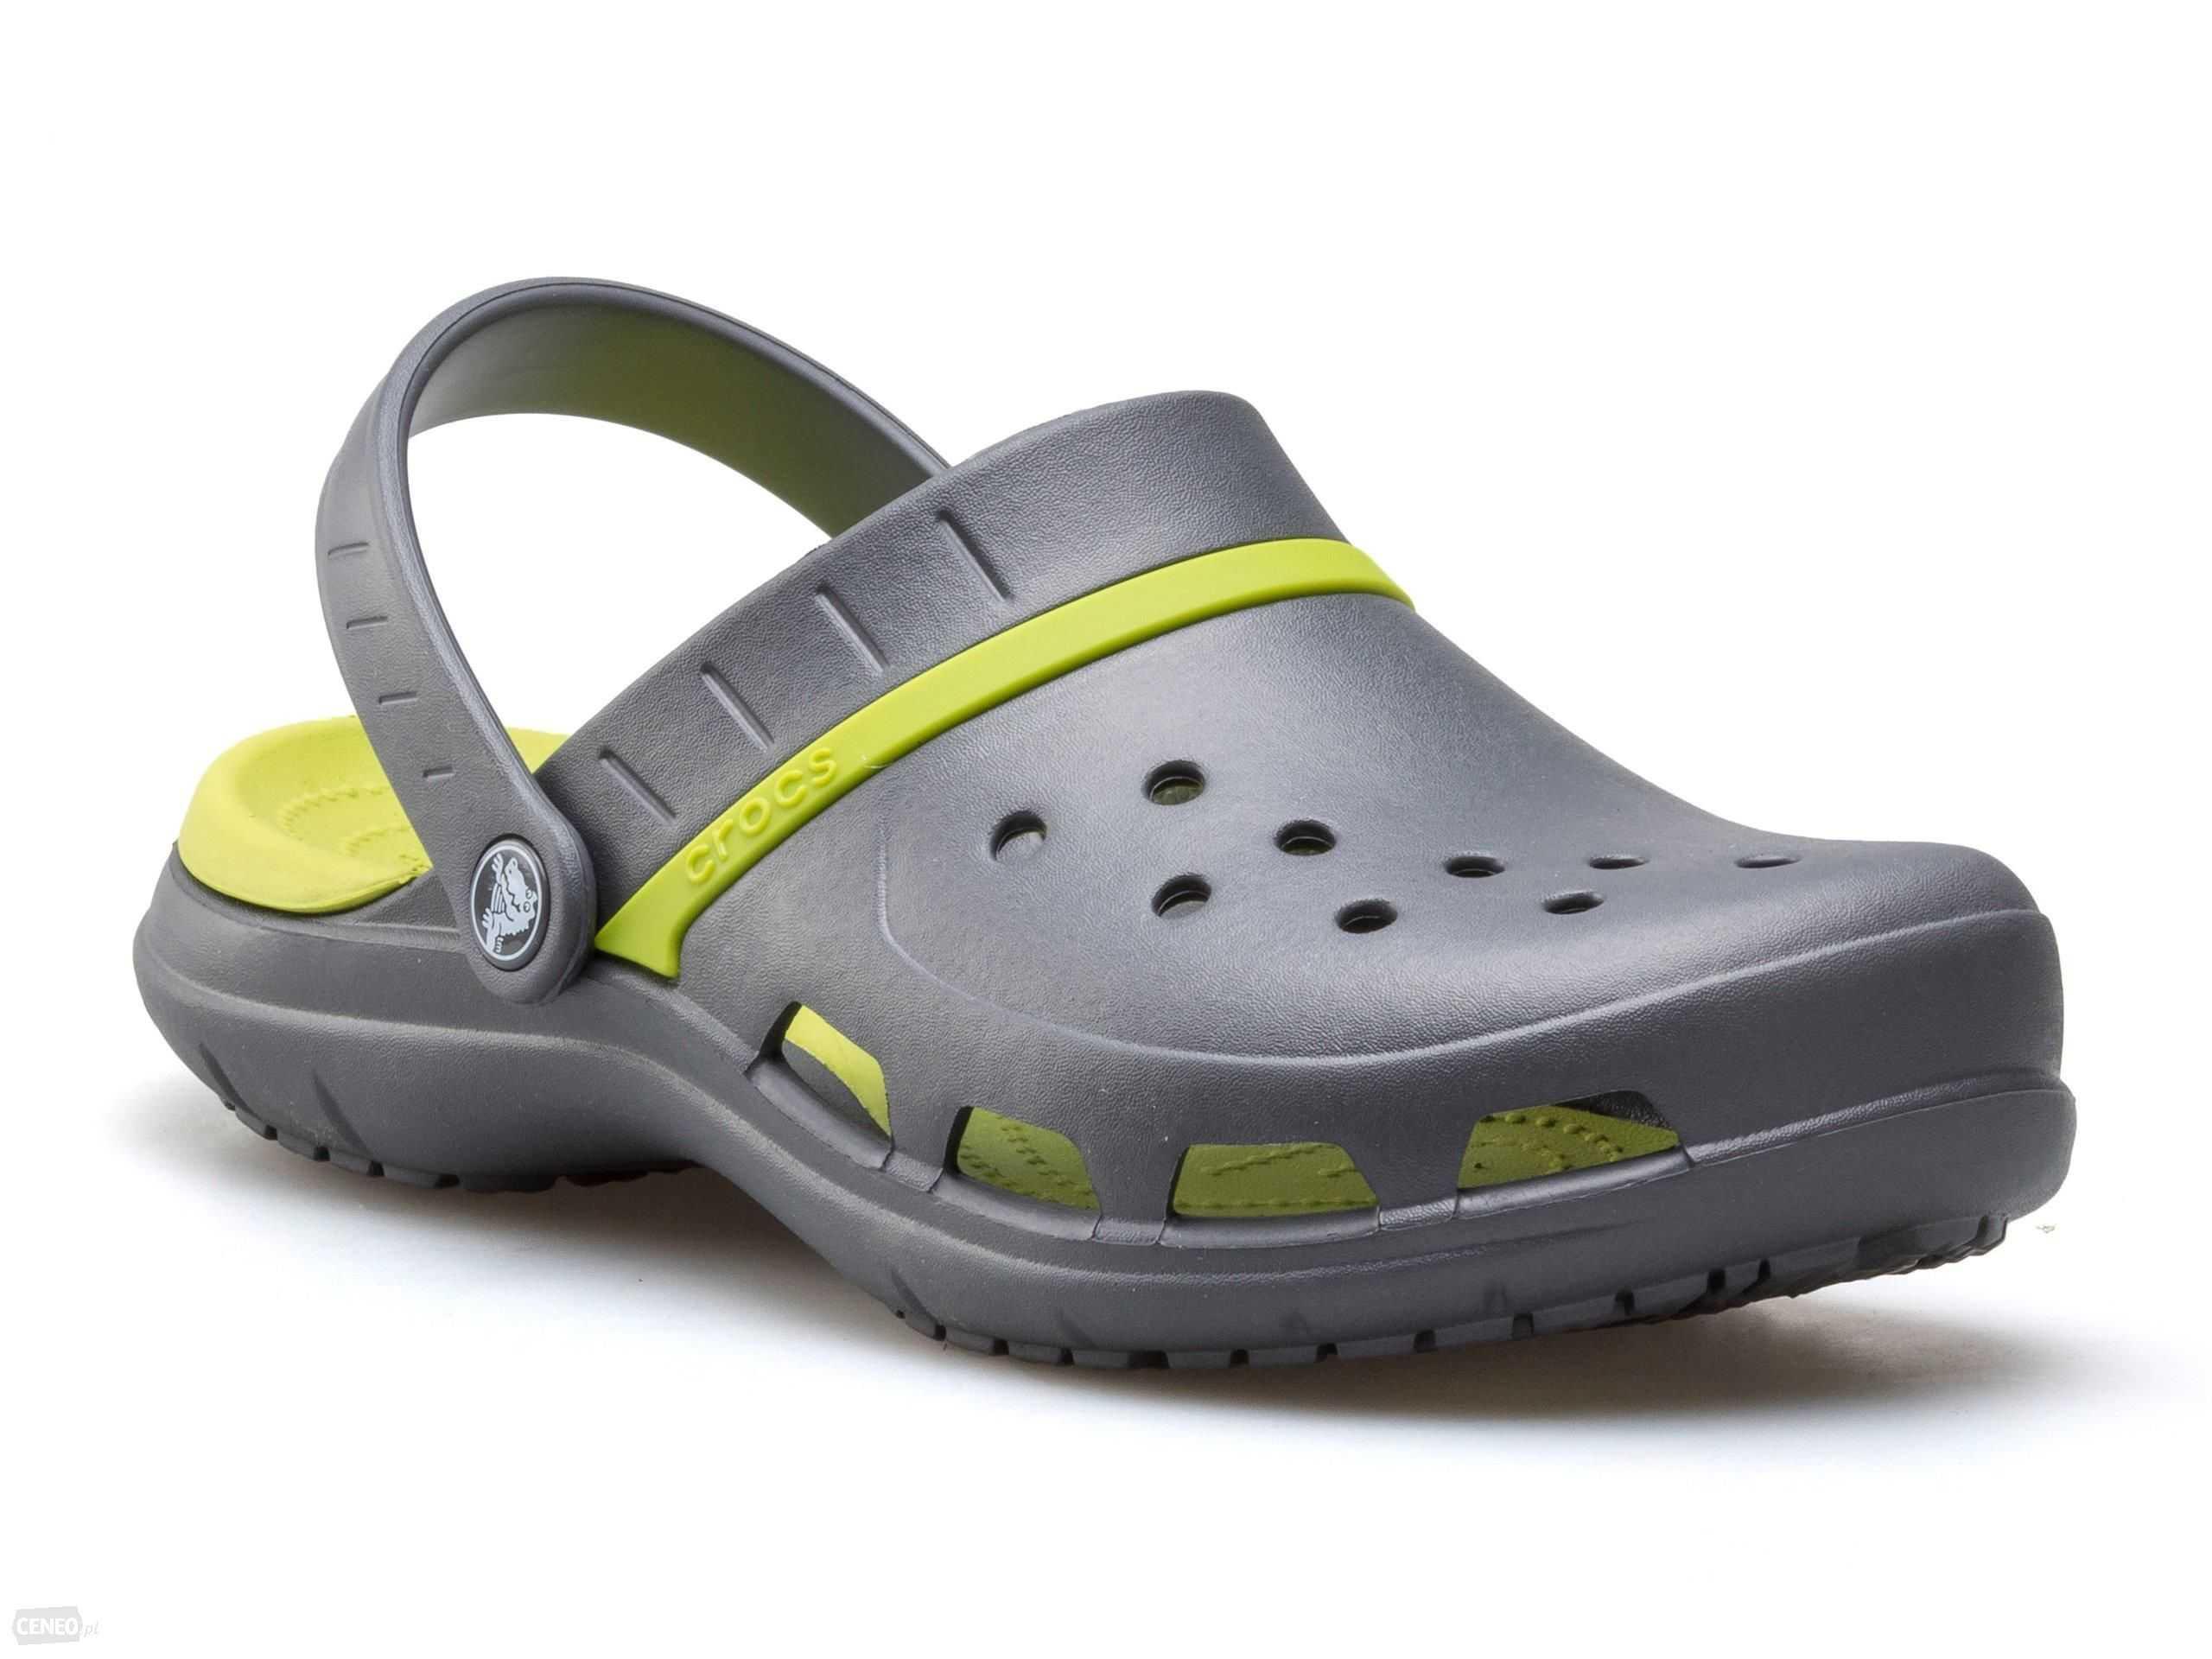 Crocs Unisex Clog